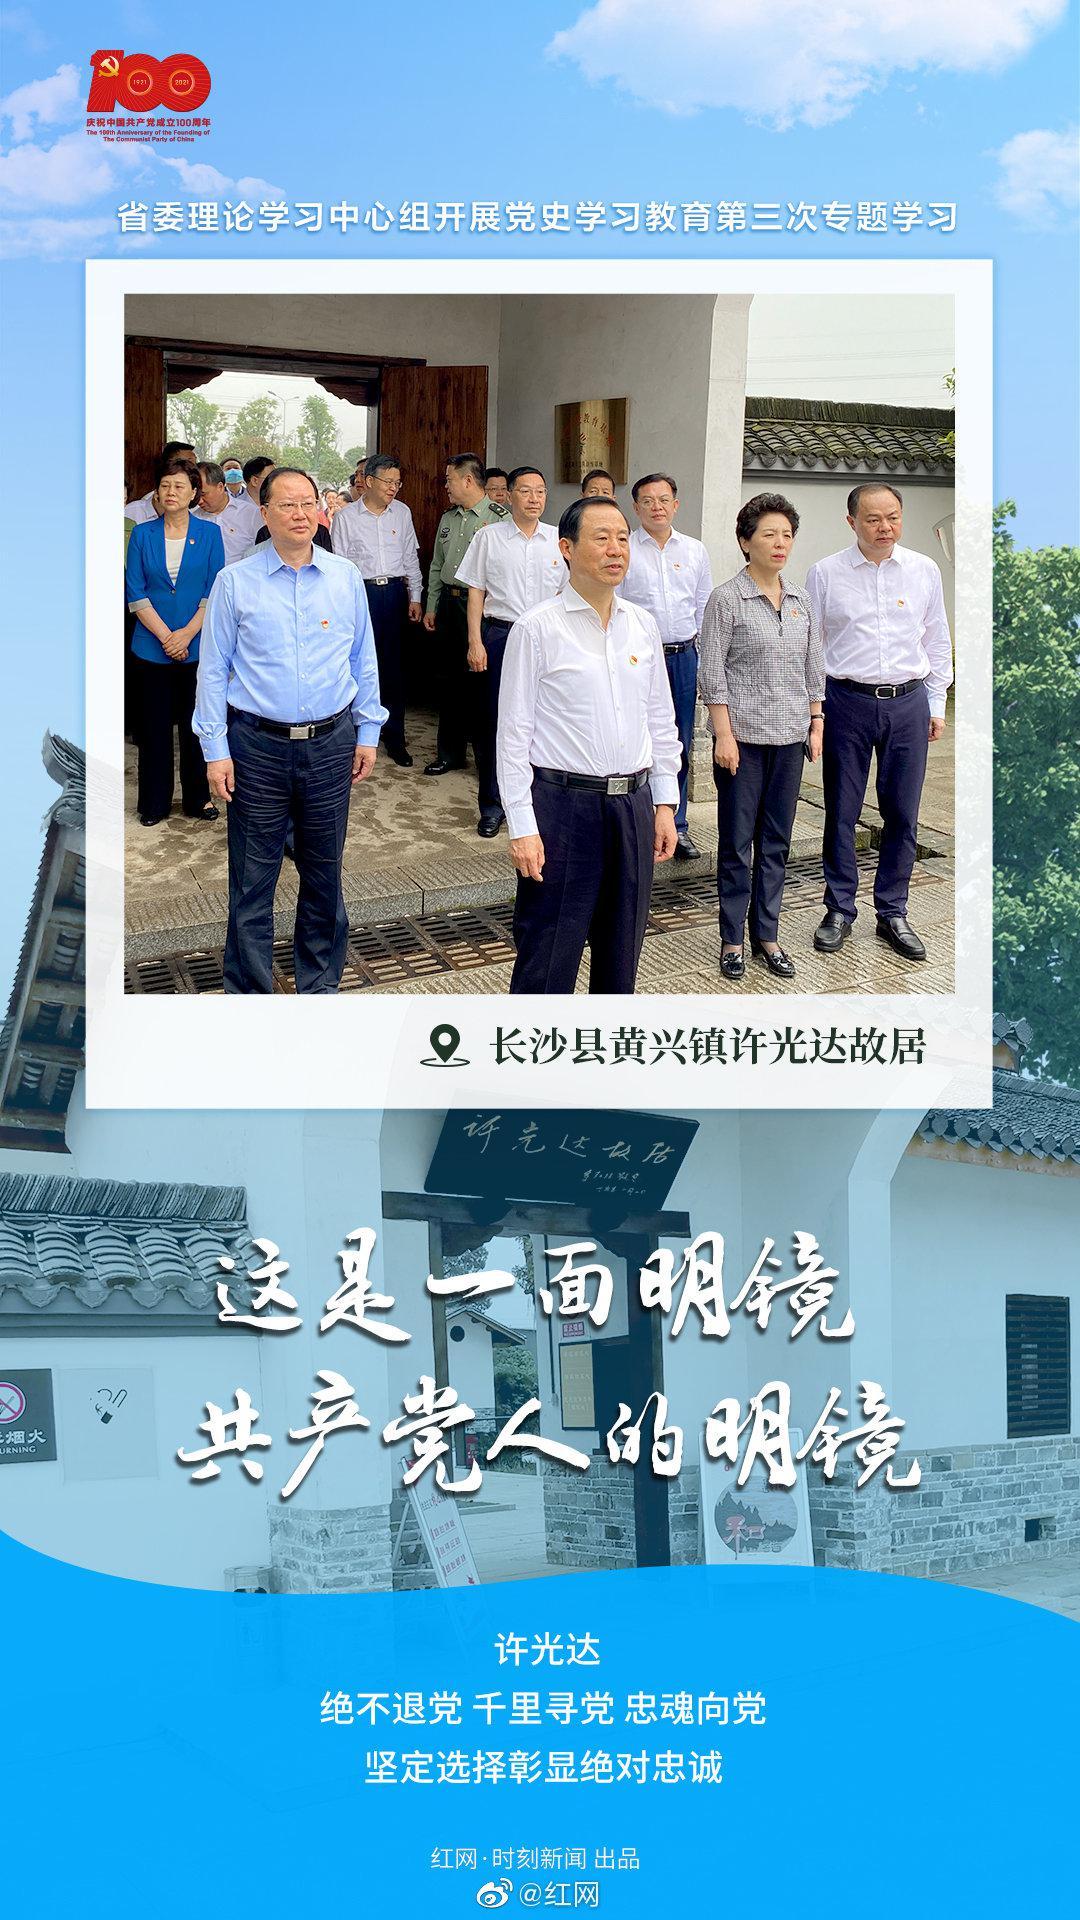 第一站:湖南省委理论学习中心组抵达许光达故居